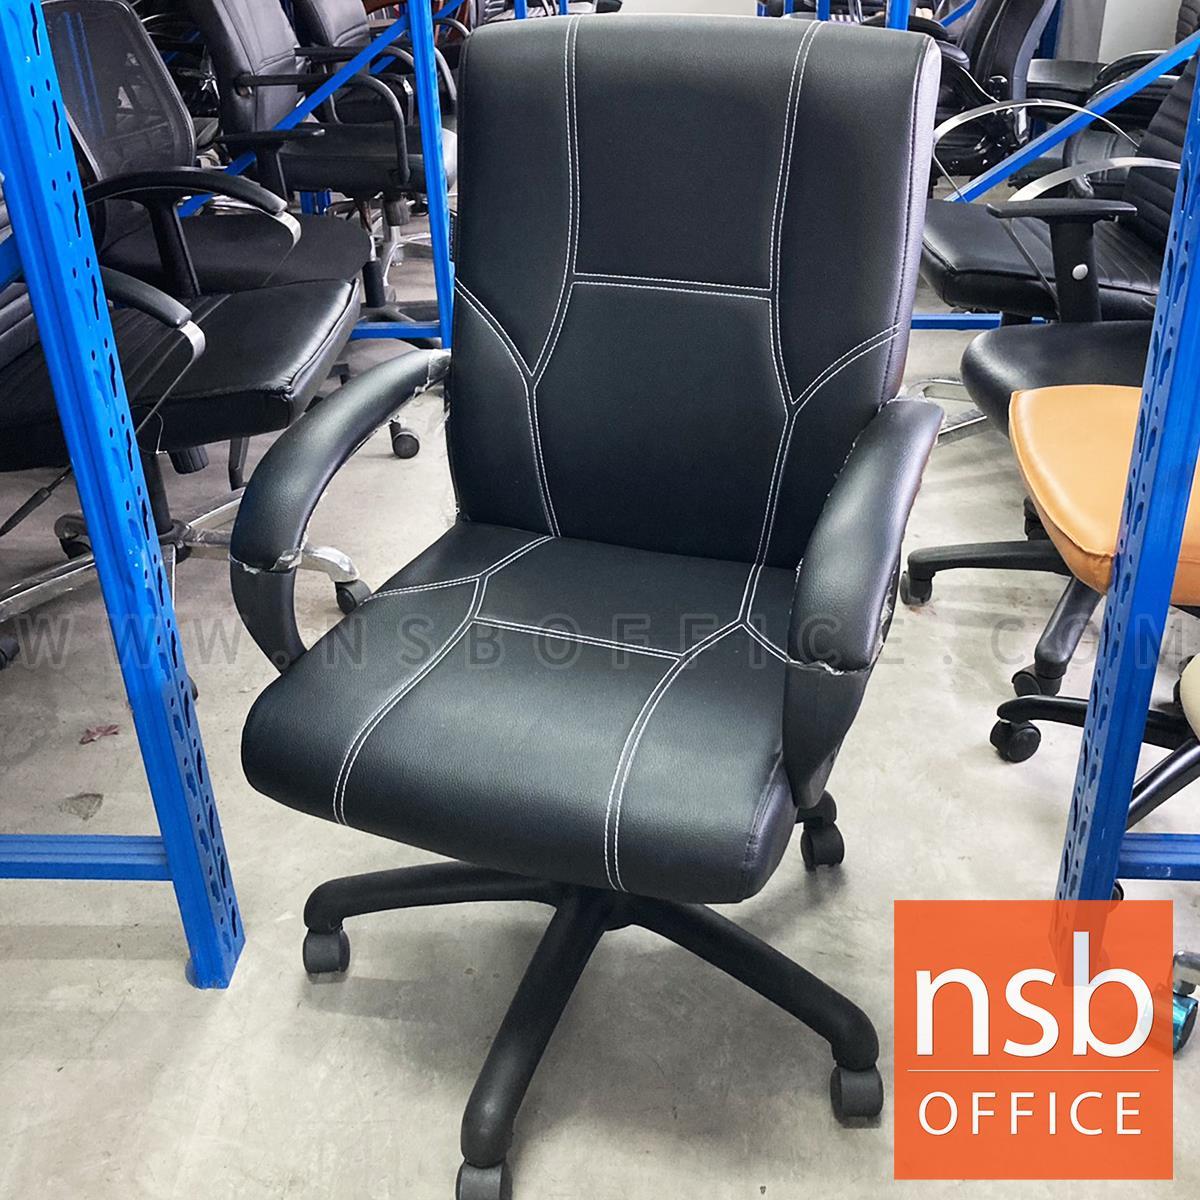 L02A366:เก้าอี้สำนักงาน    โช๊คแก๊ส ขาพลาสติก